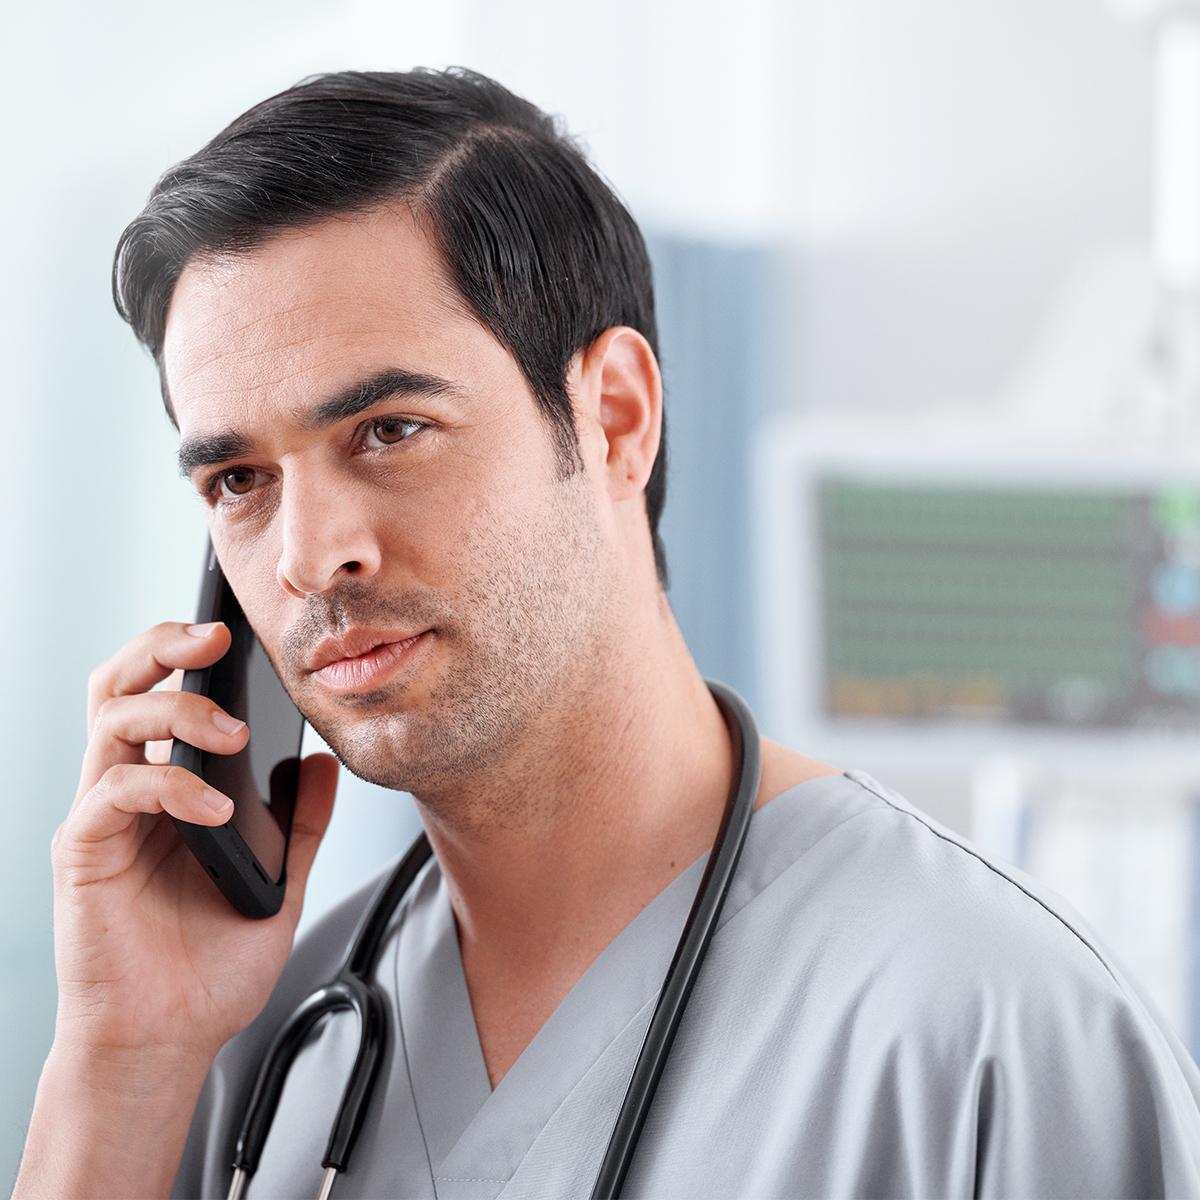 Infirmier tenant un téléphone intelligent à son oreille